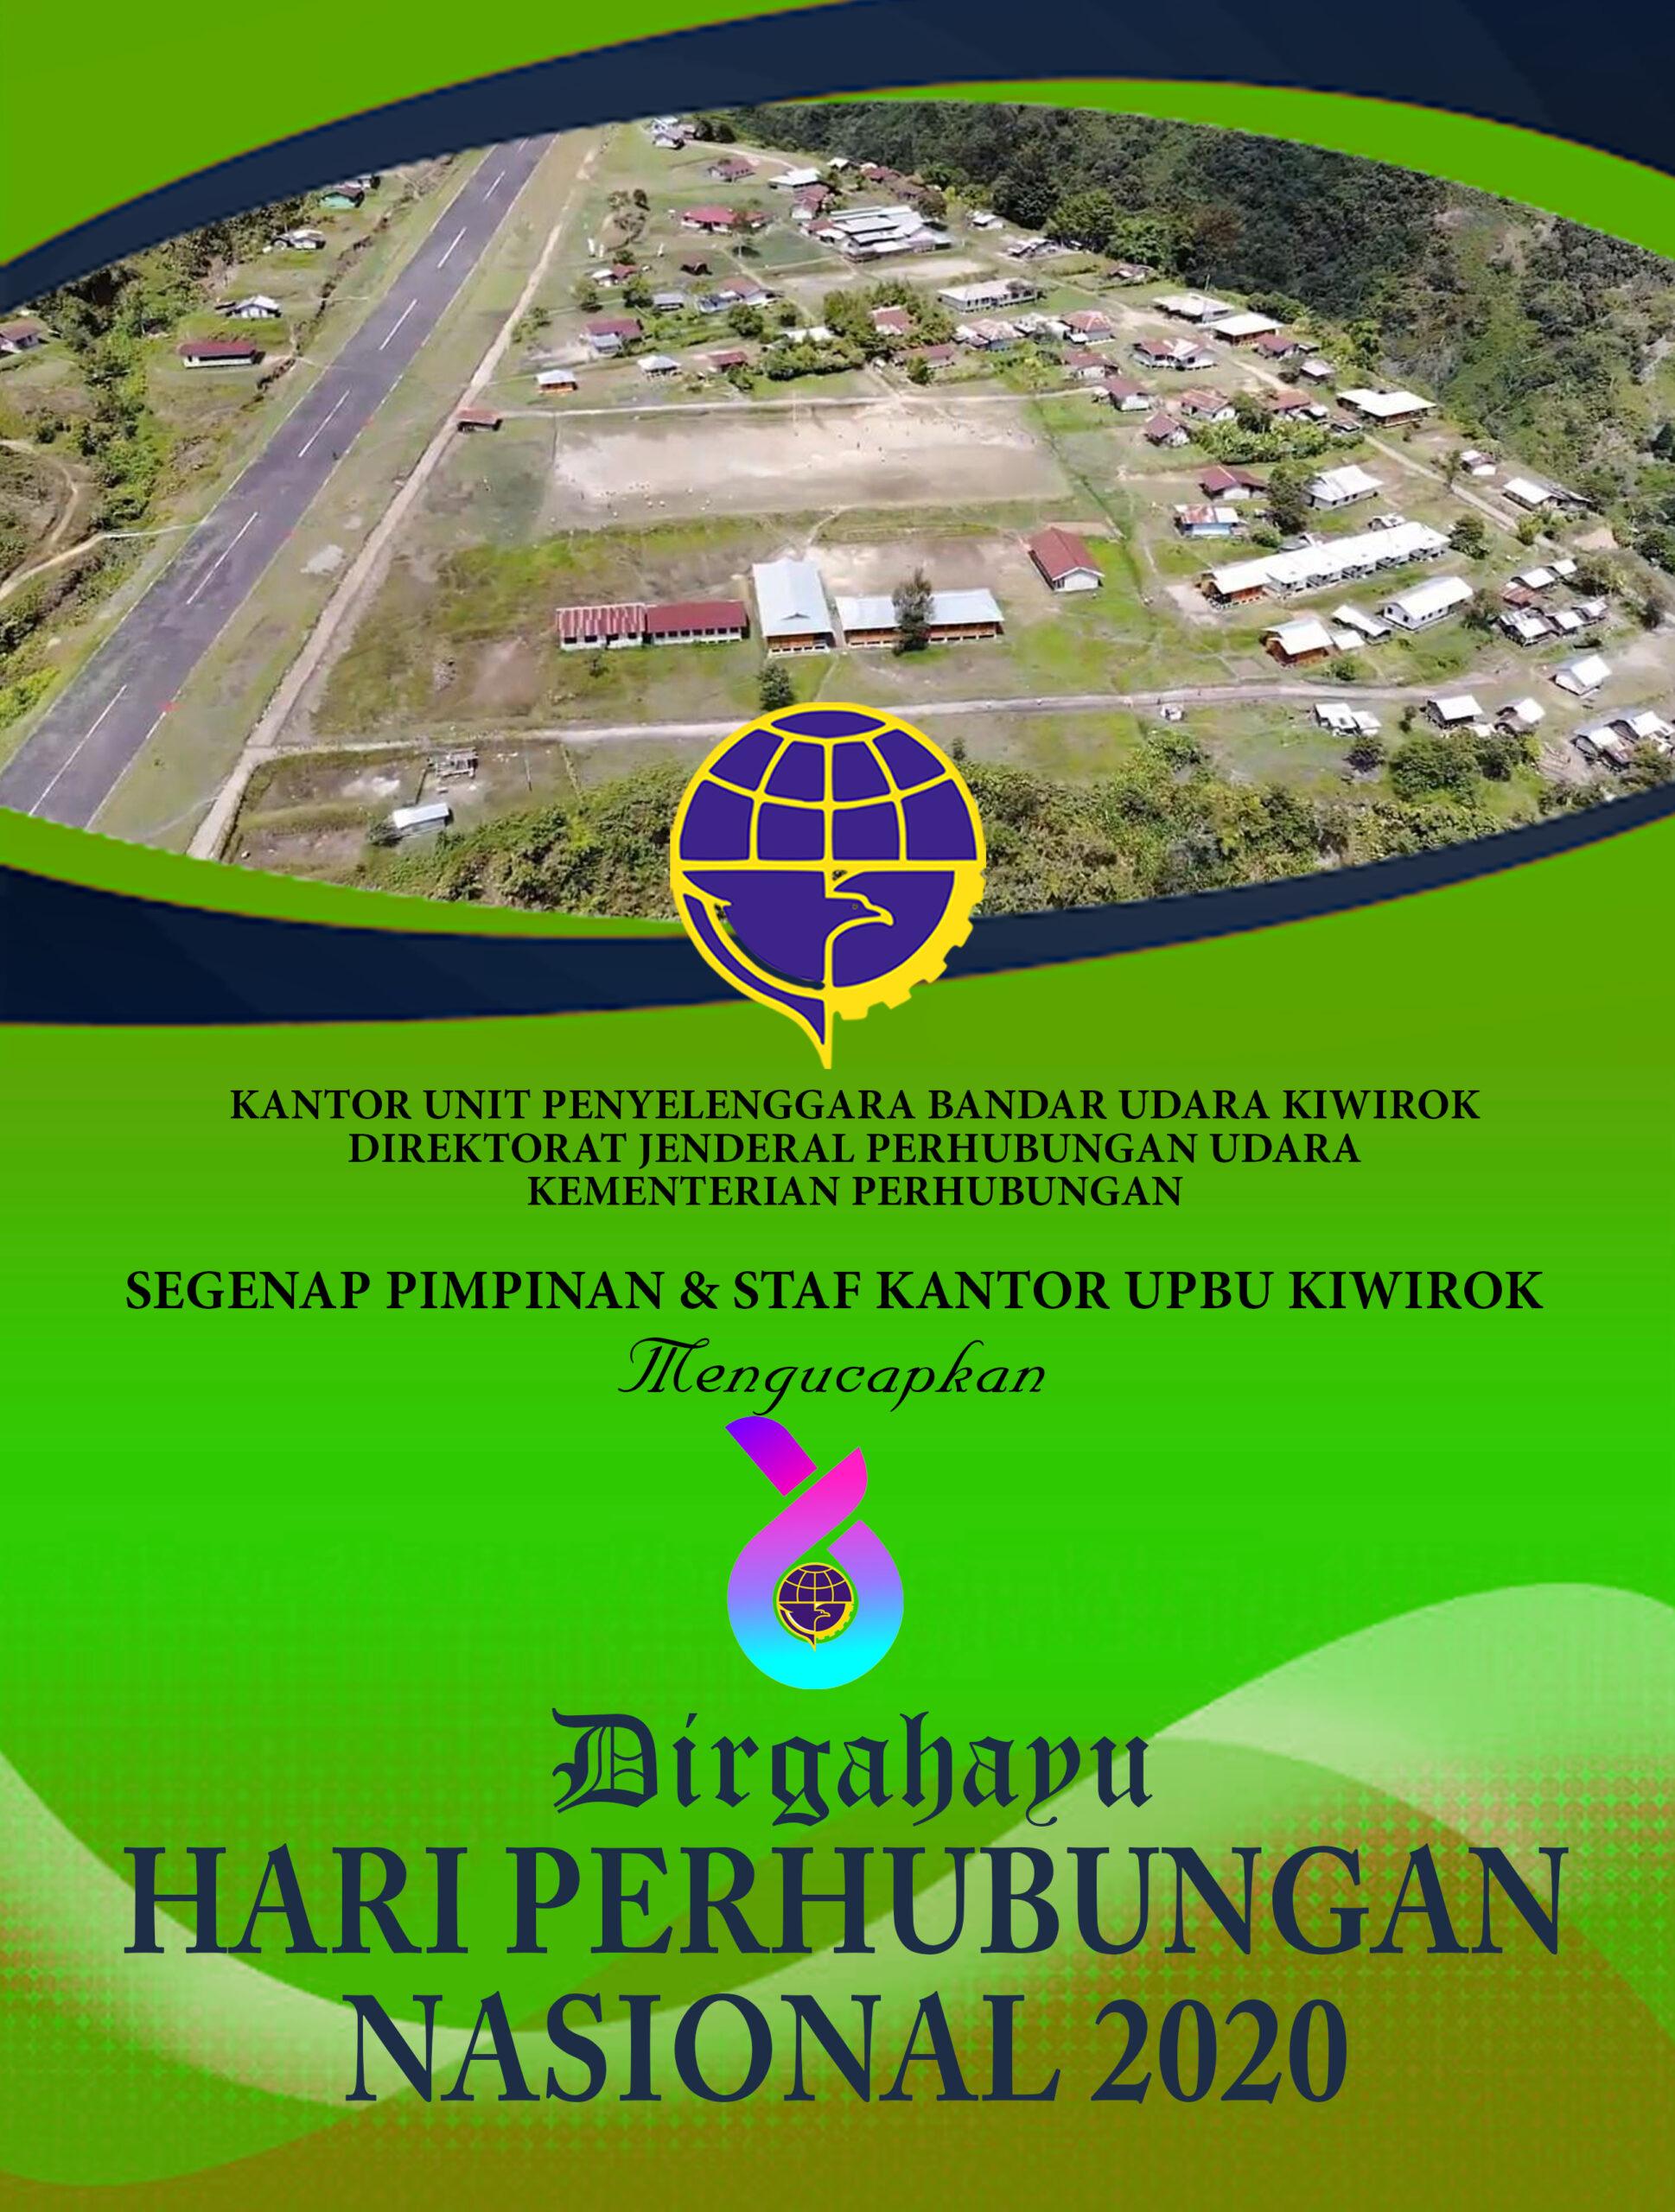 Iklan Bandara Kiwirok scaled - Judul Artikel Airport (International) 1